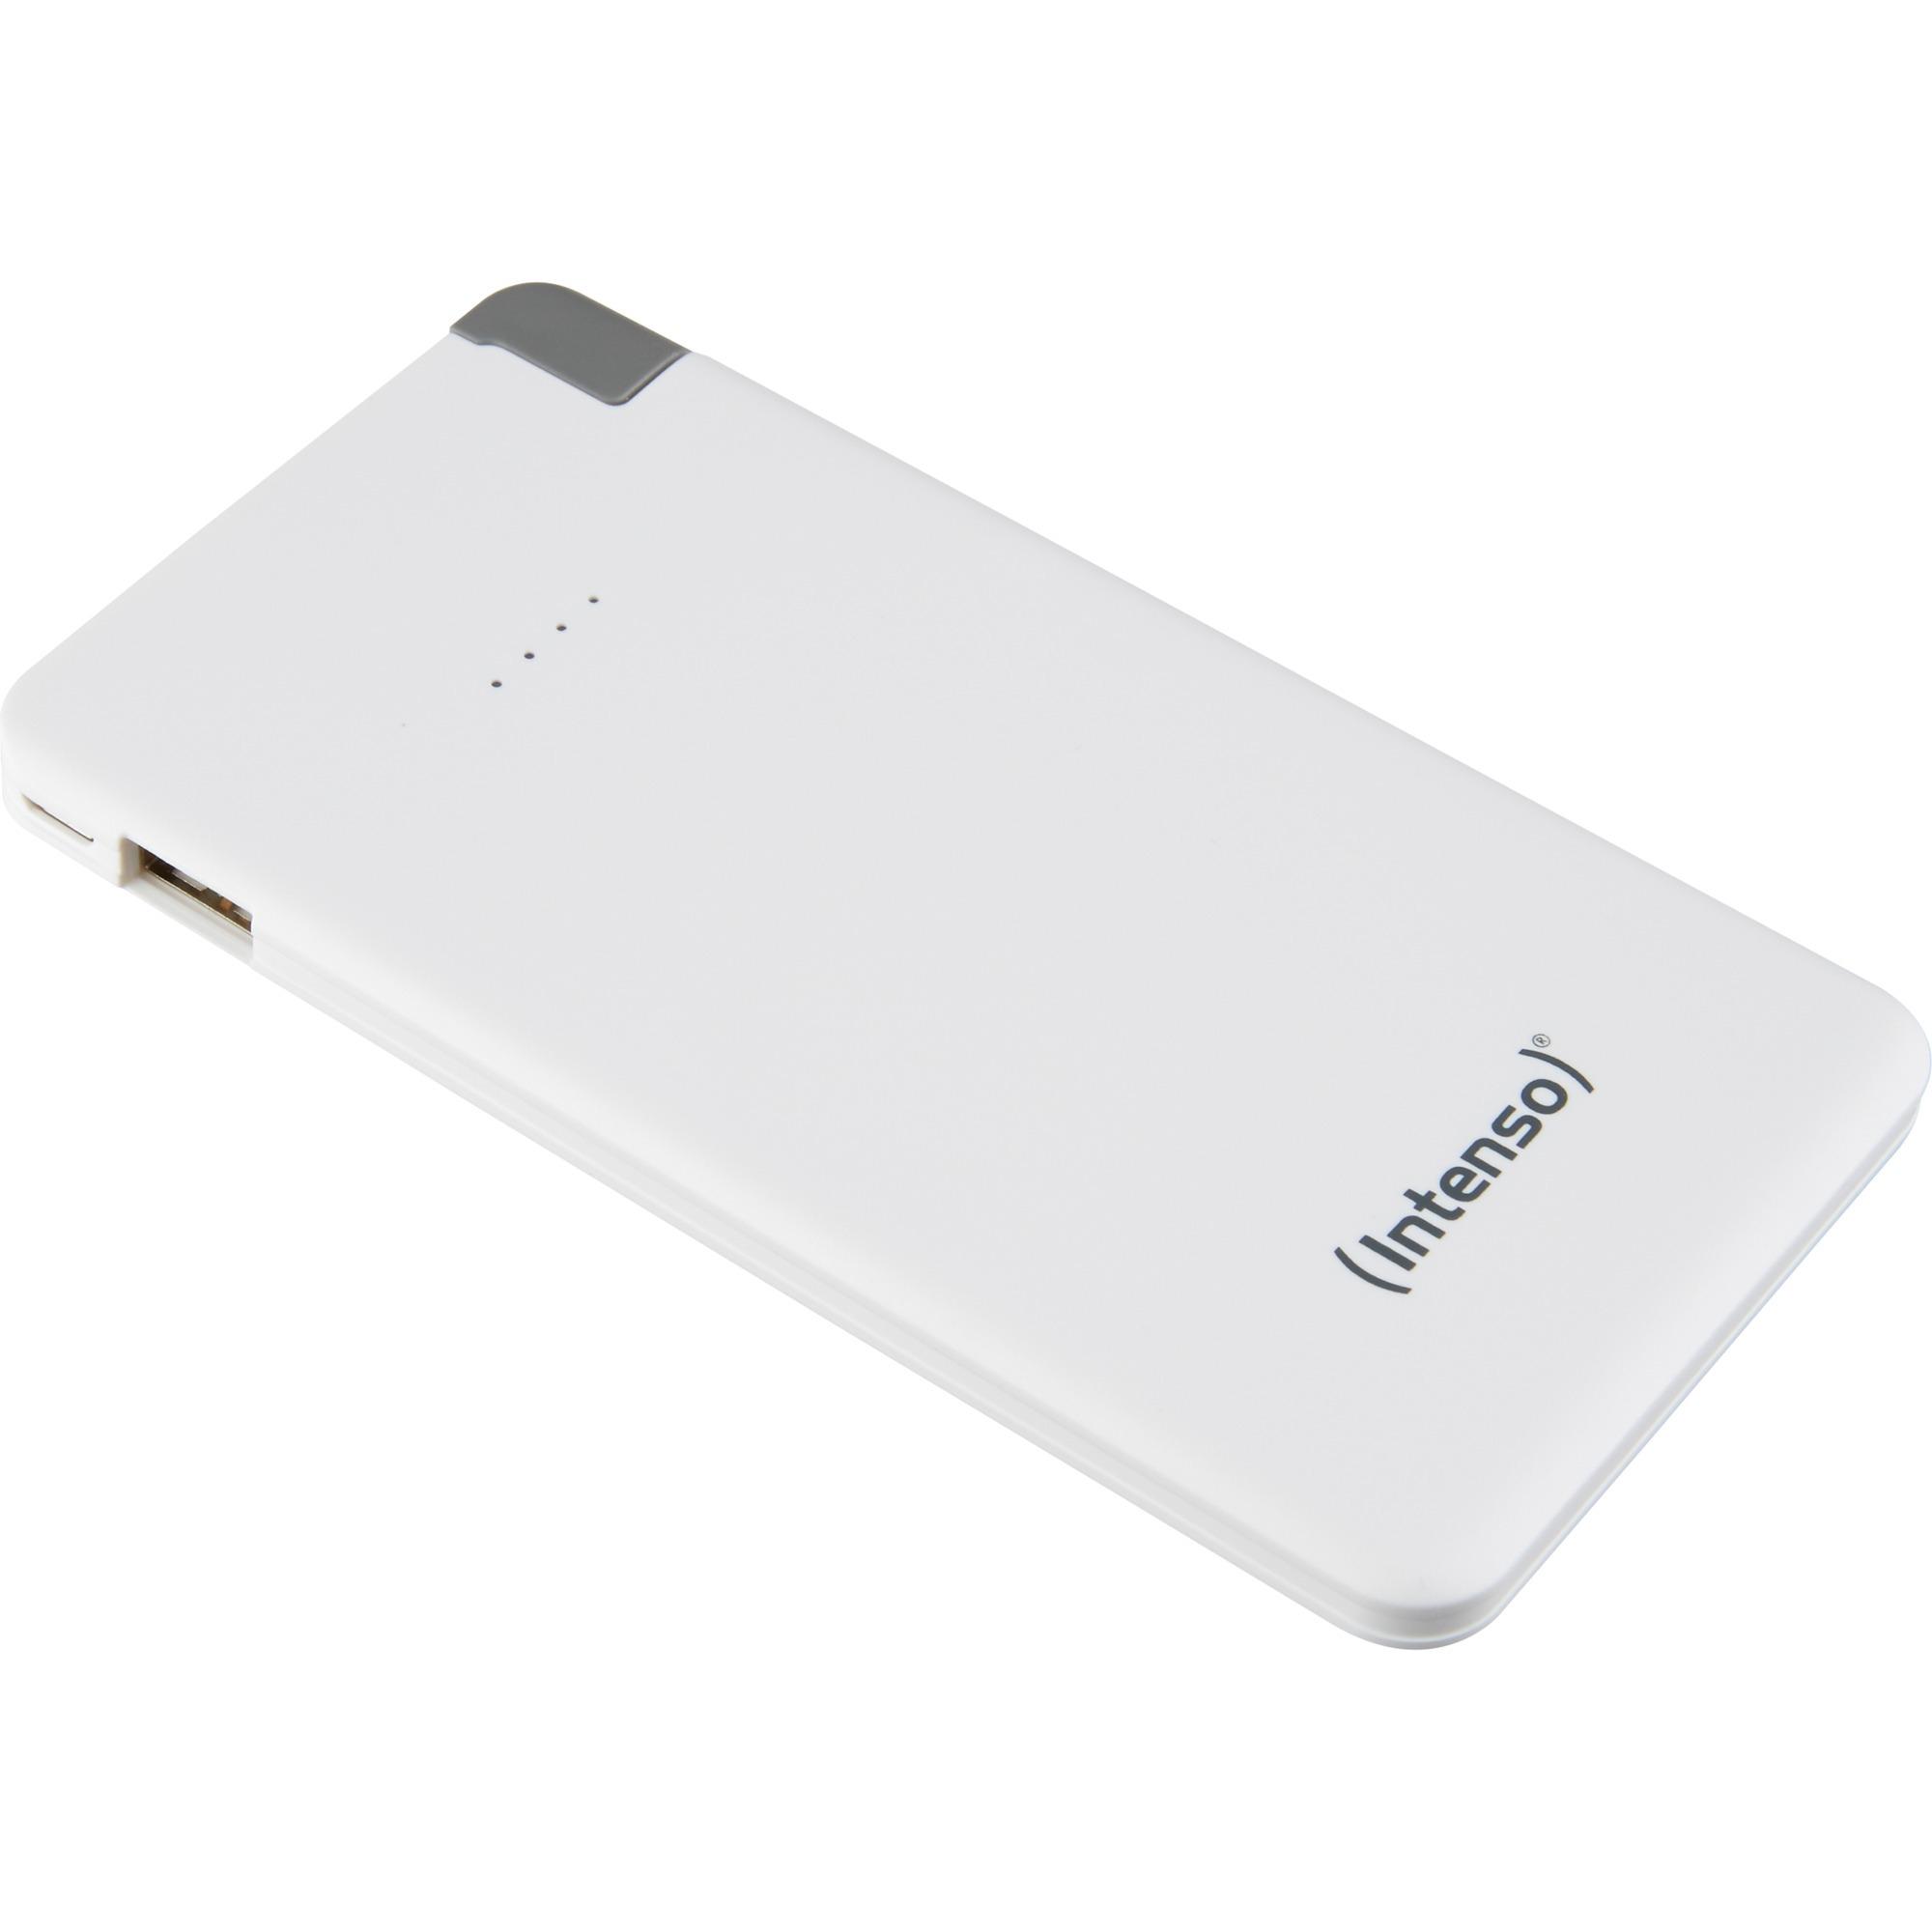 S5000 Lithium Polymer (LiPo) 5000mAh Hvid oplader til genopladelig batteri, Power Bank